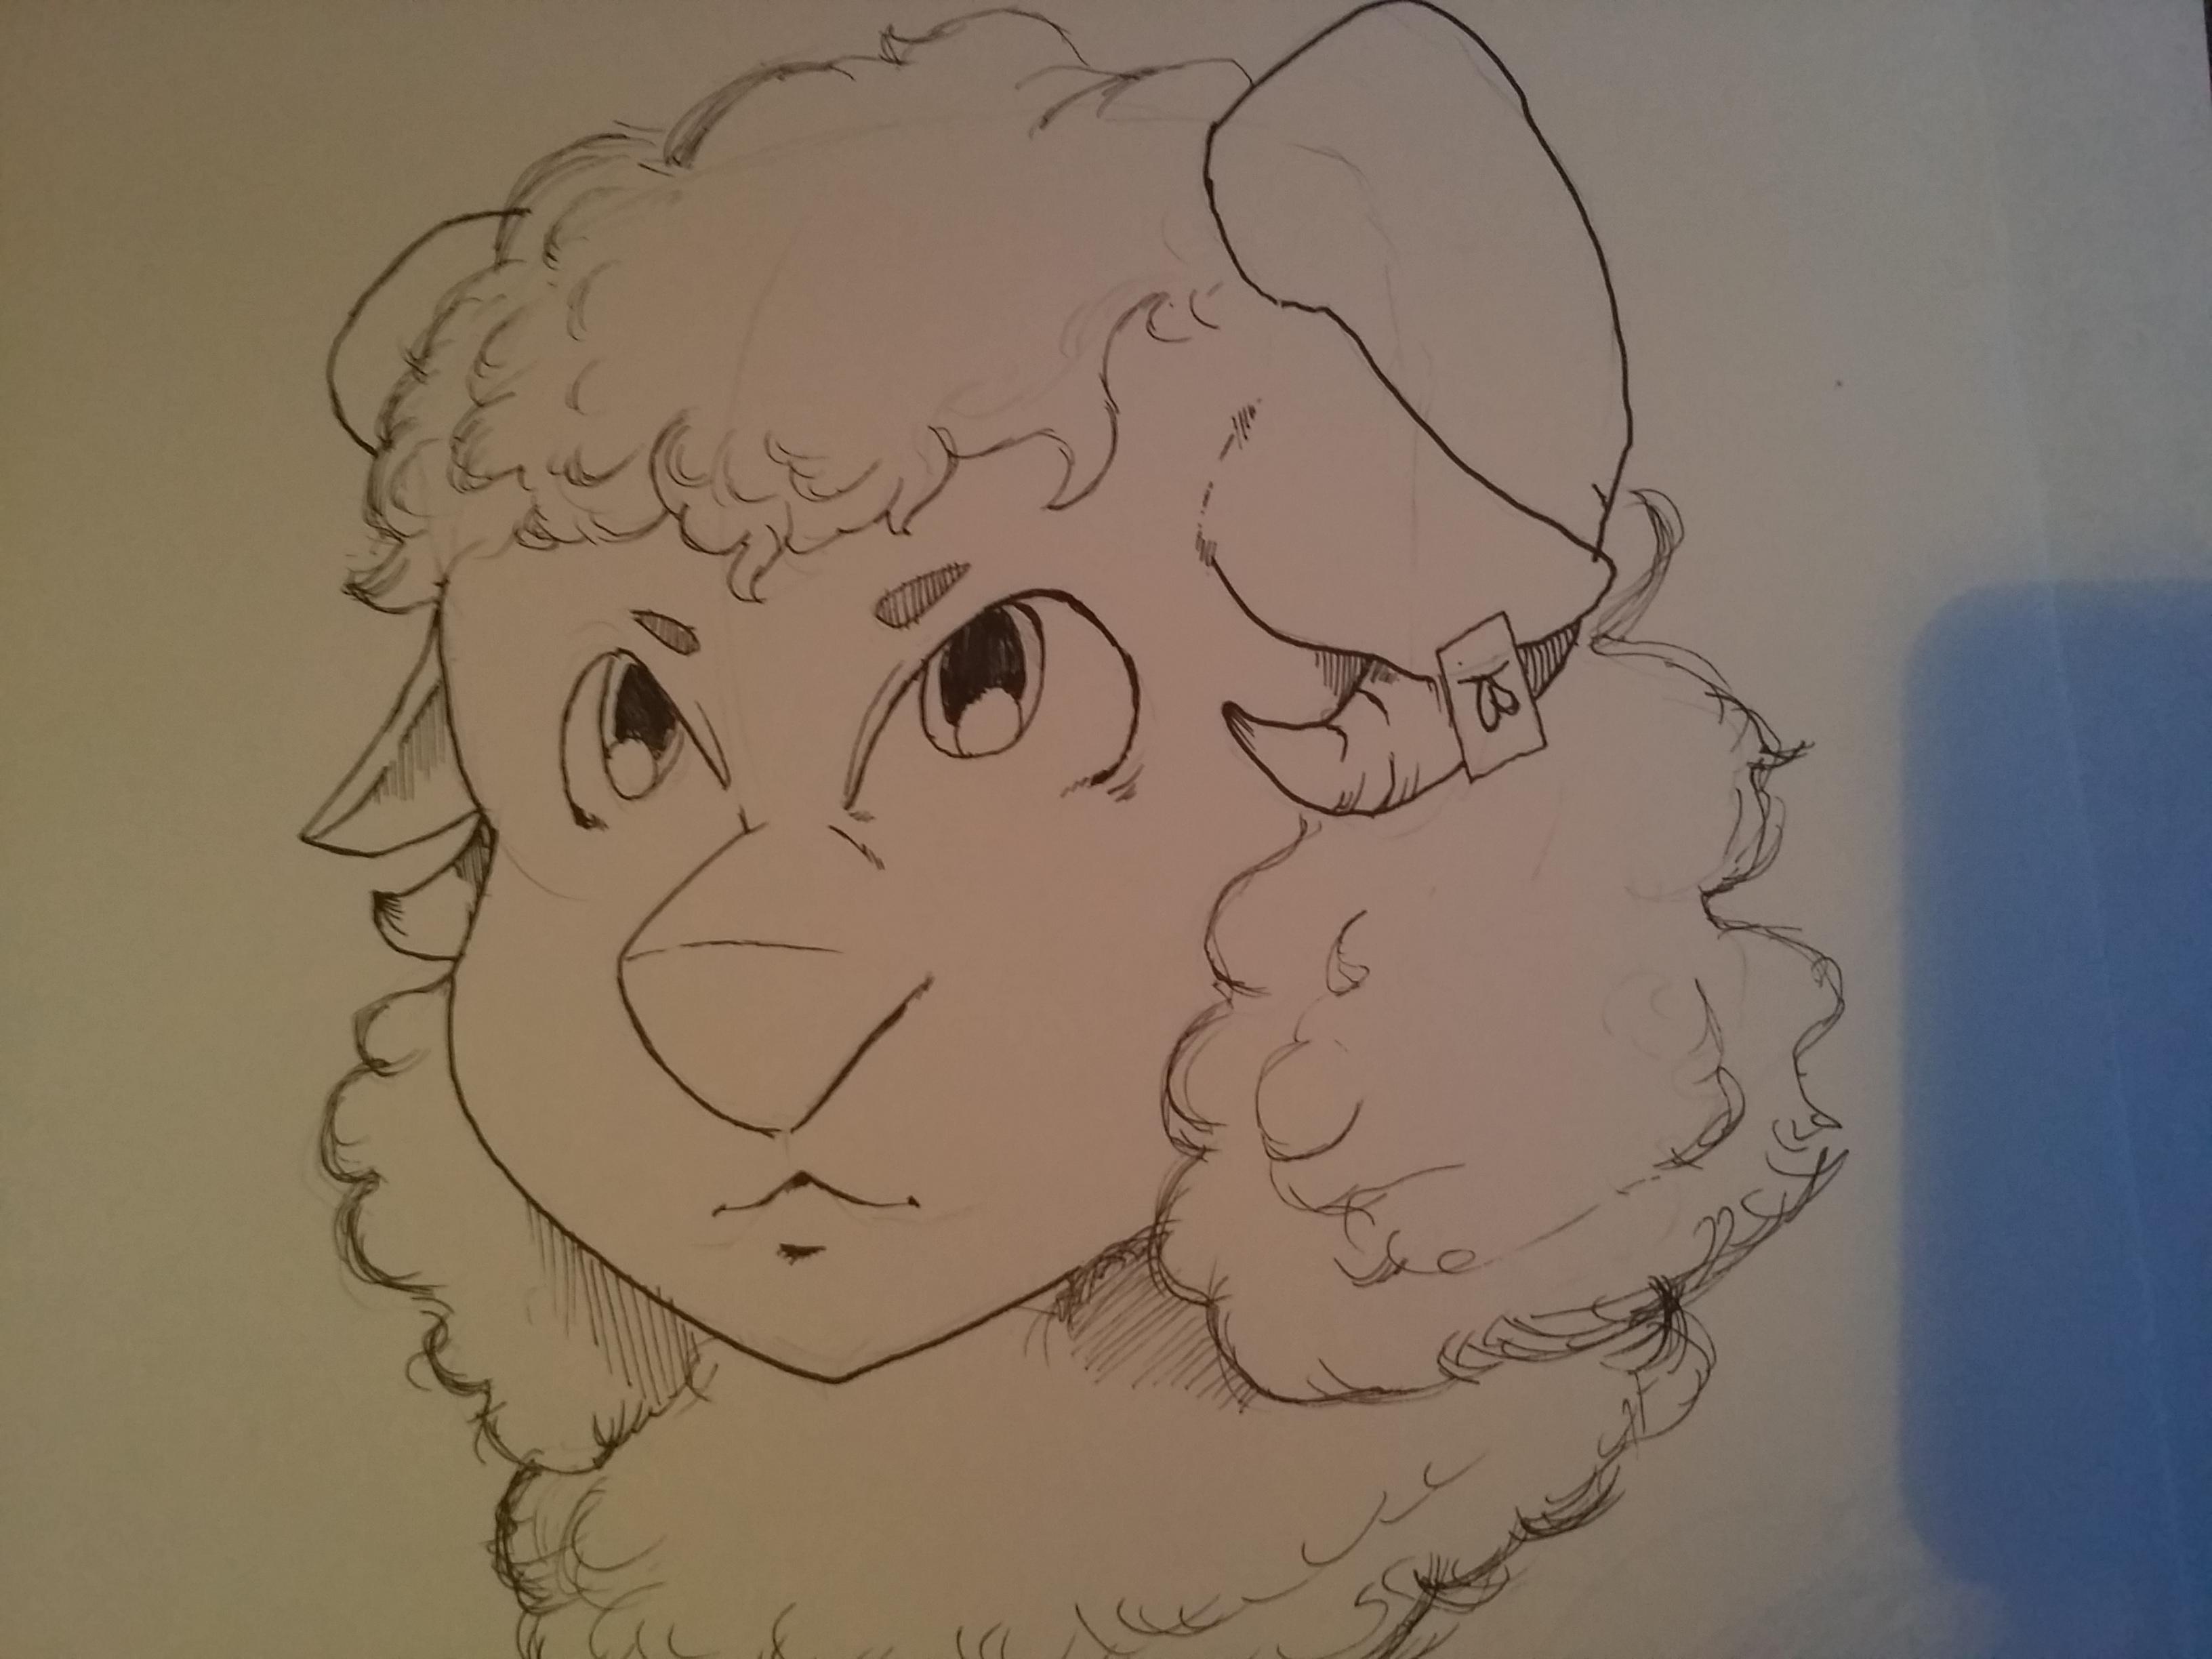 Sheep furry